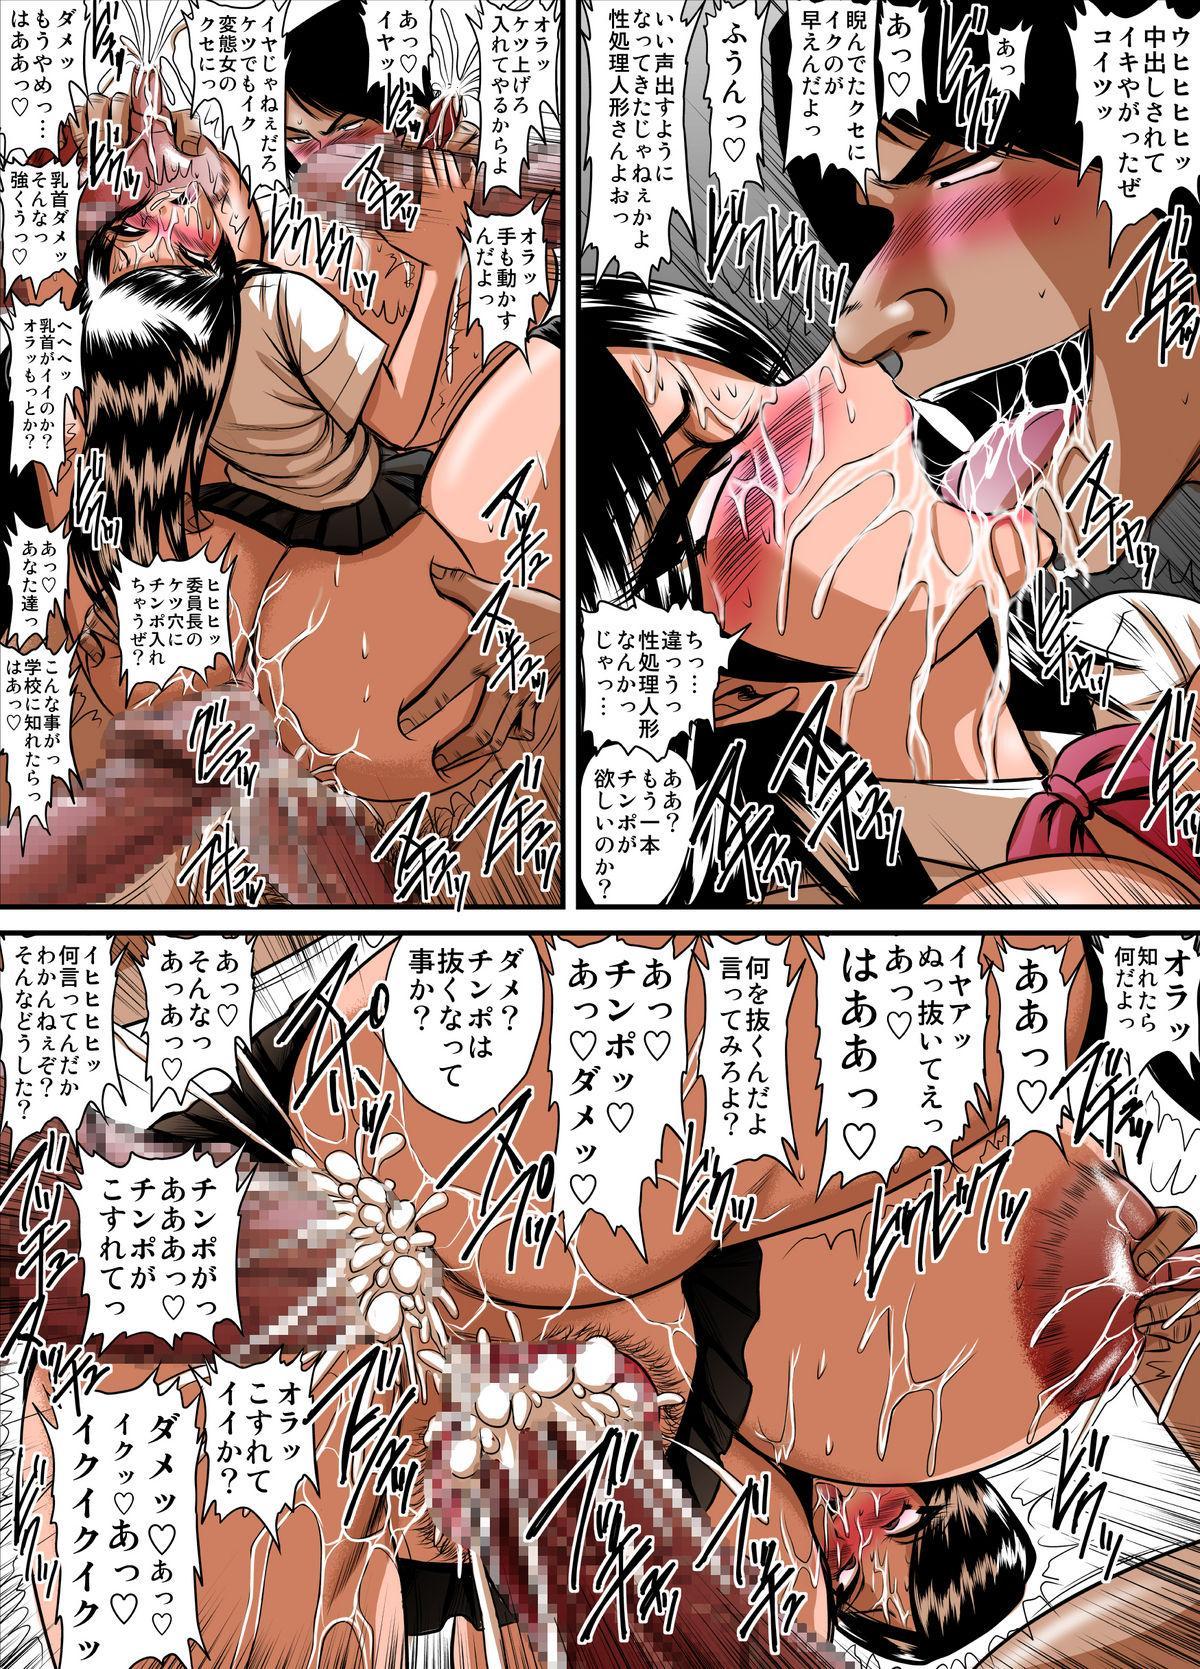 Yoru no Iinchou to Kanojo no Ana 5 Color Ban 5